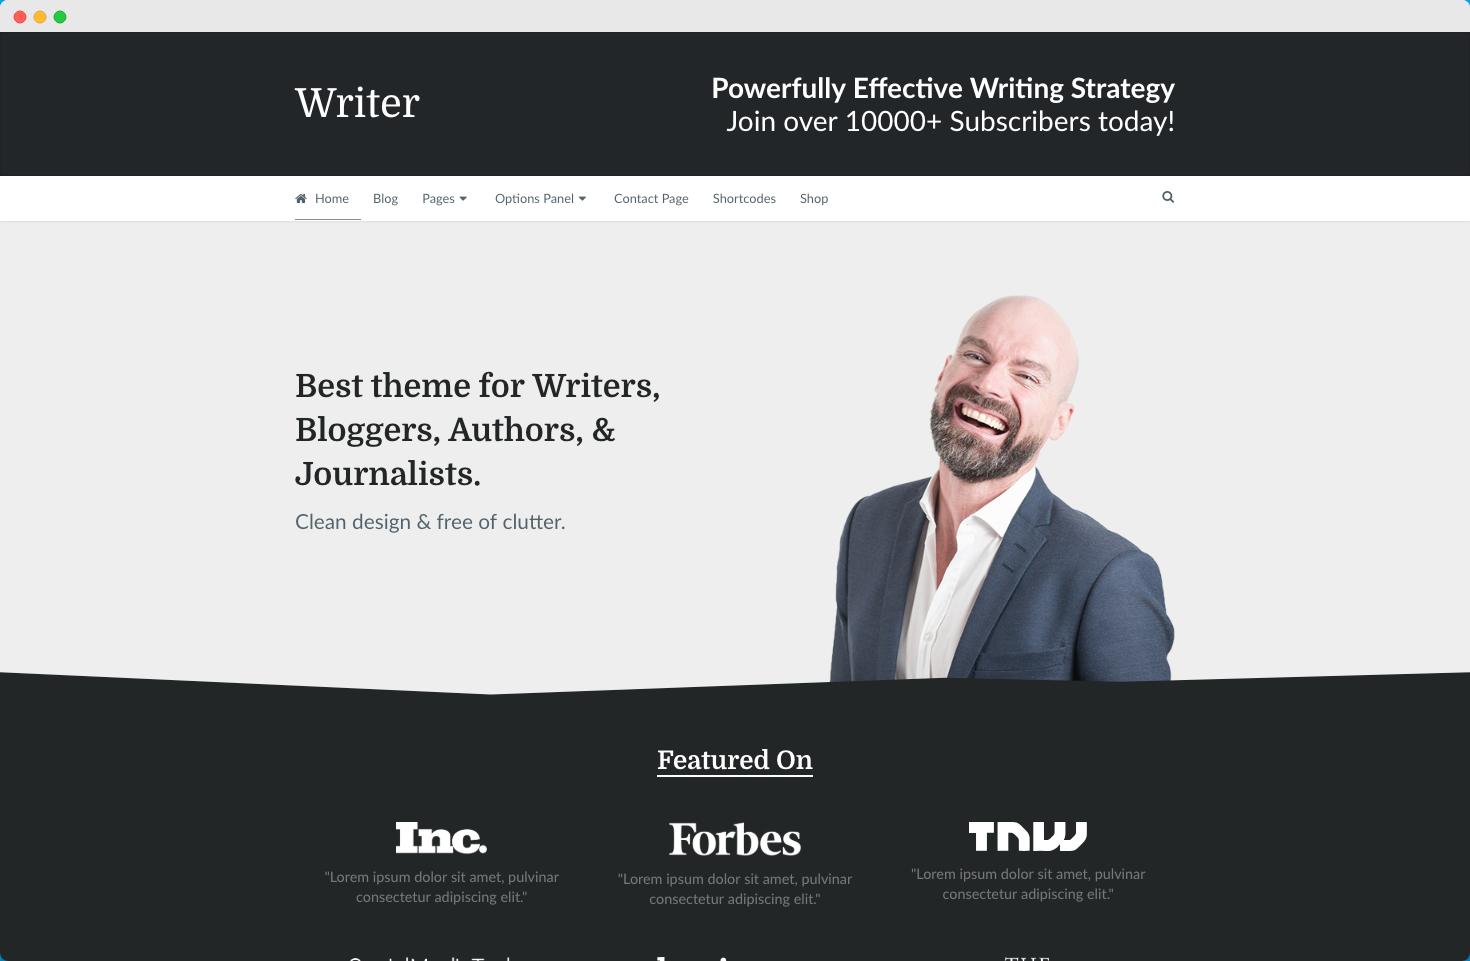 writer theme demo